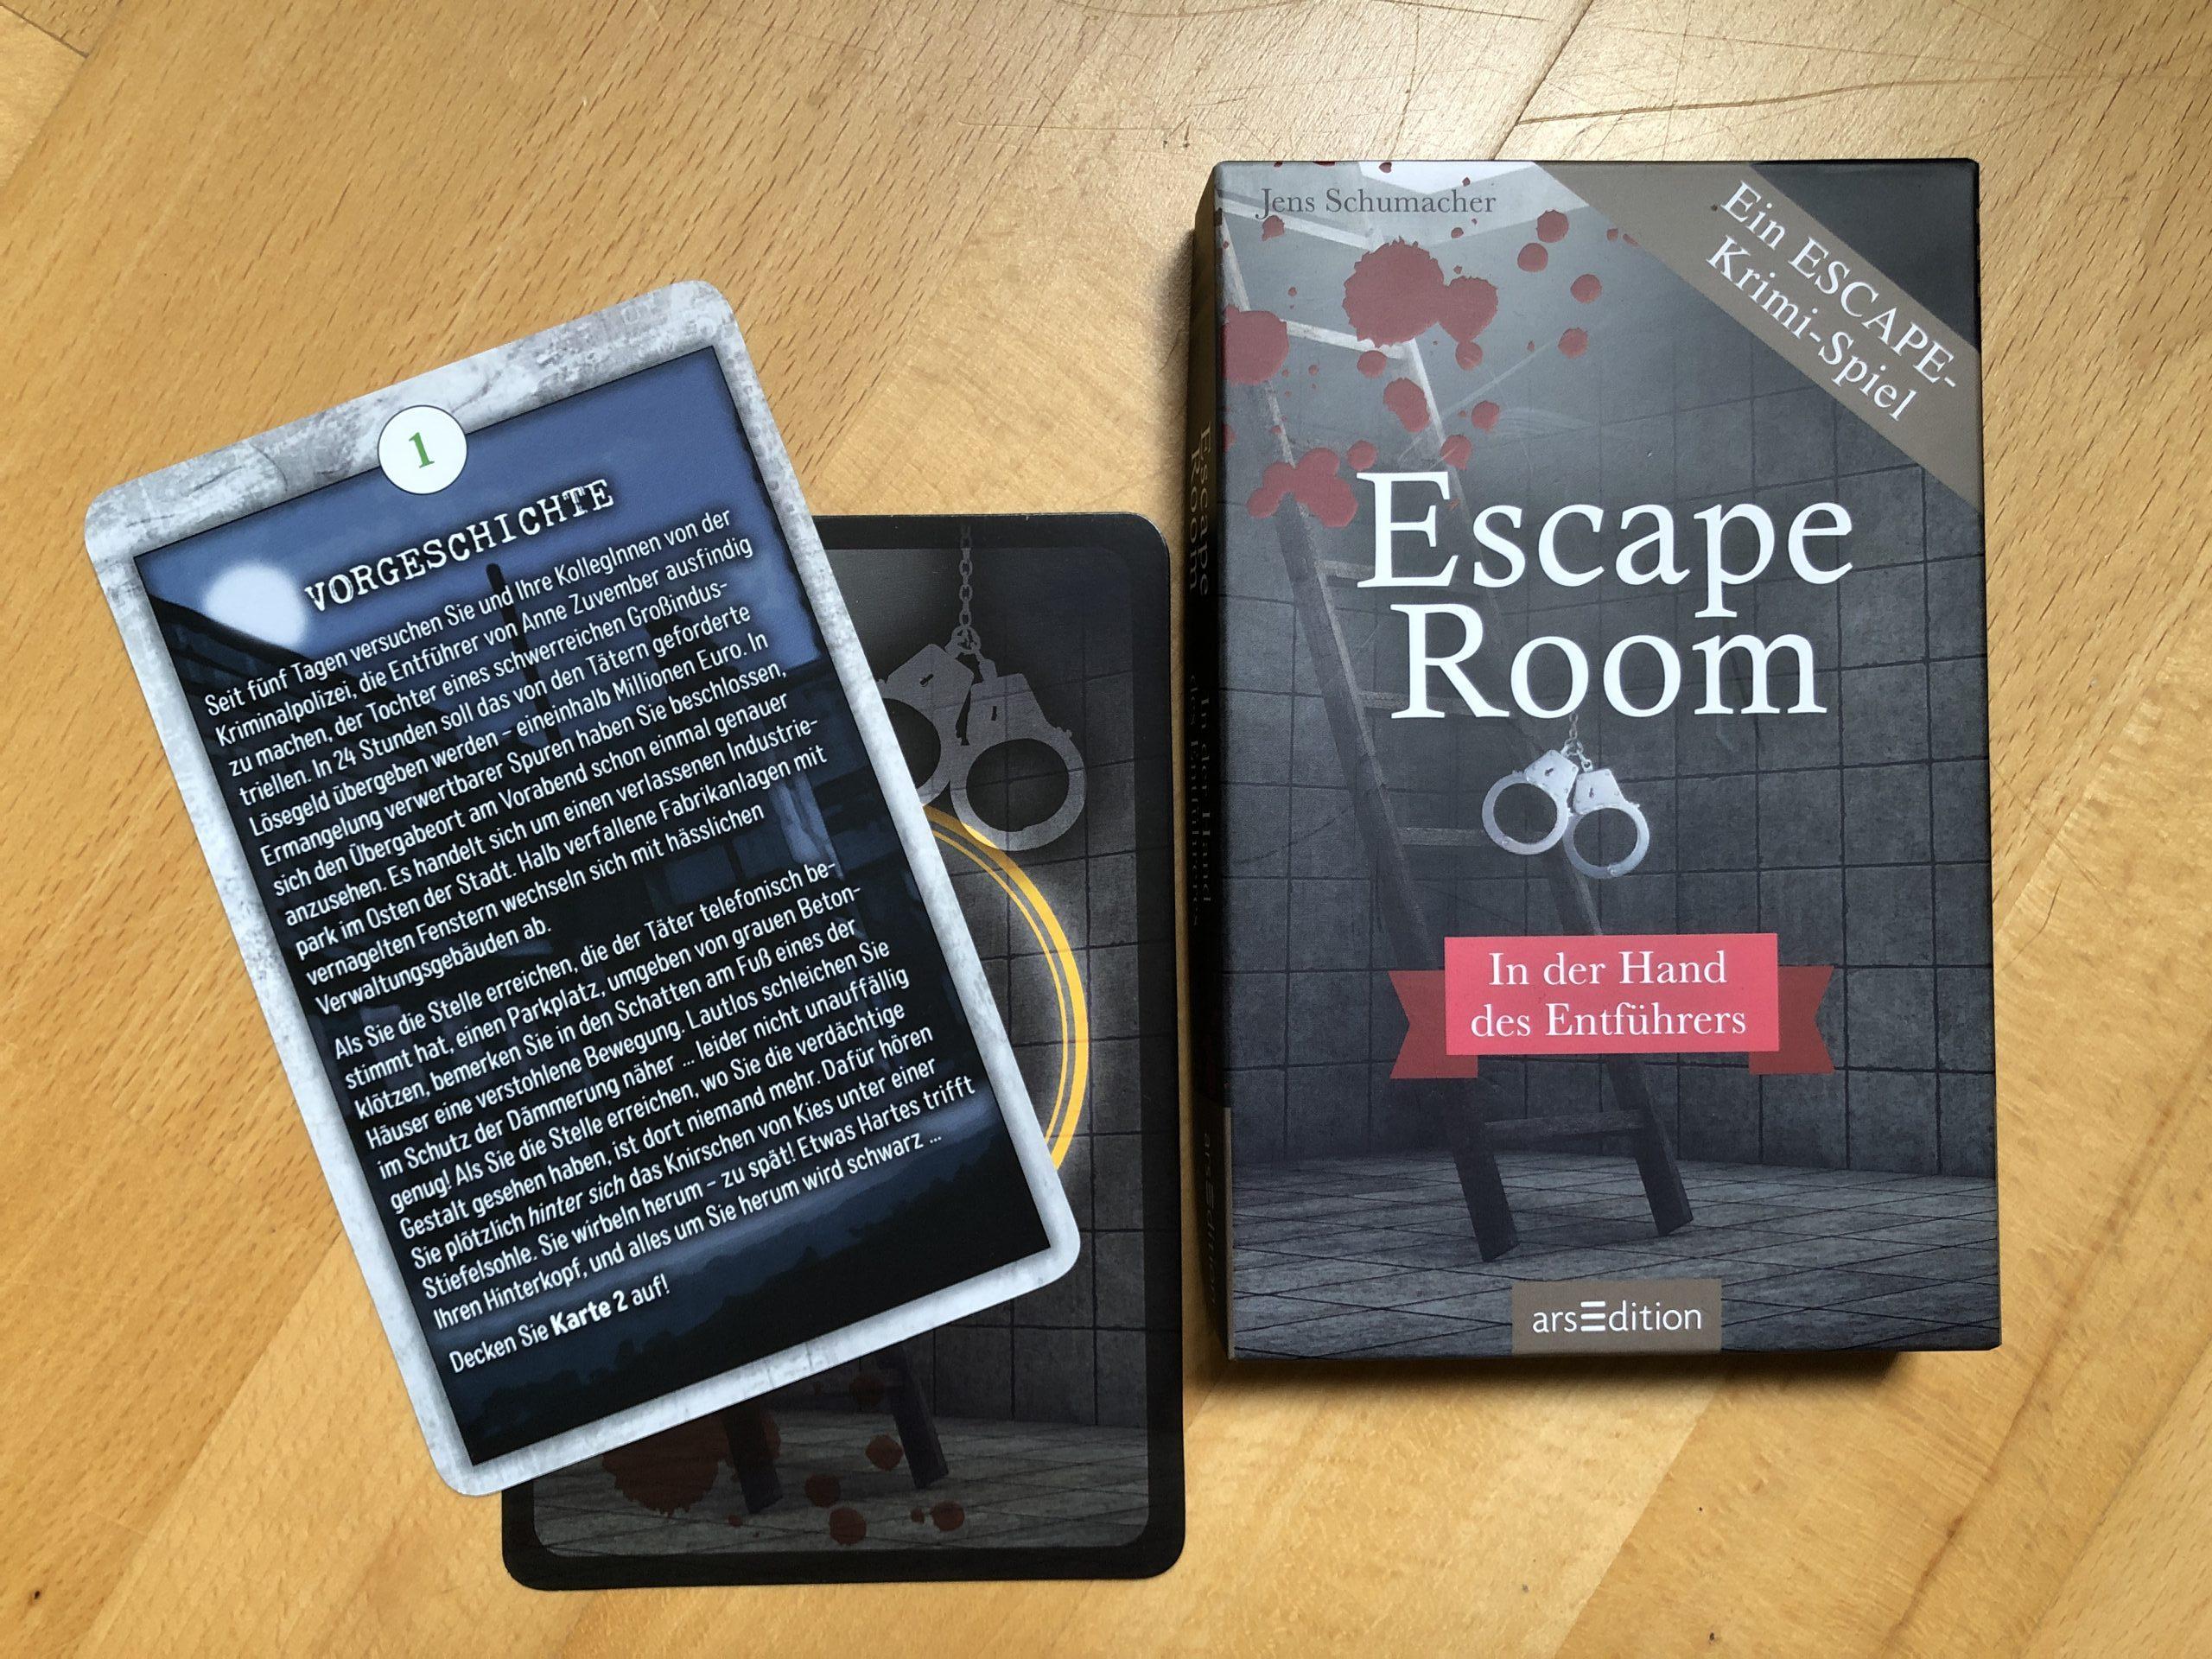 ESCAPE-Krimi-Spiel: In der Hand des Entführers